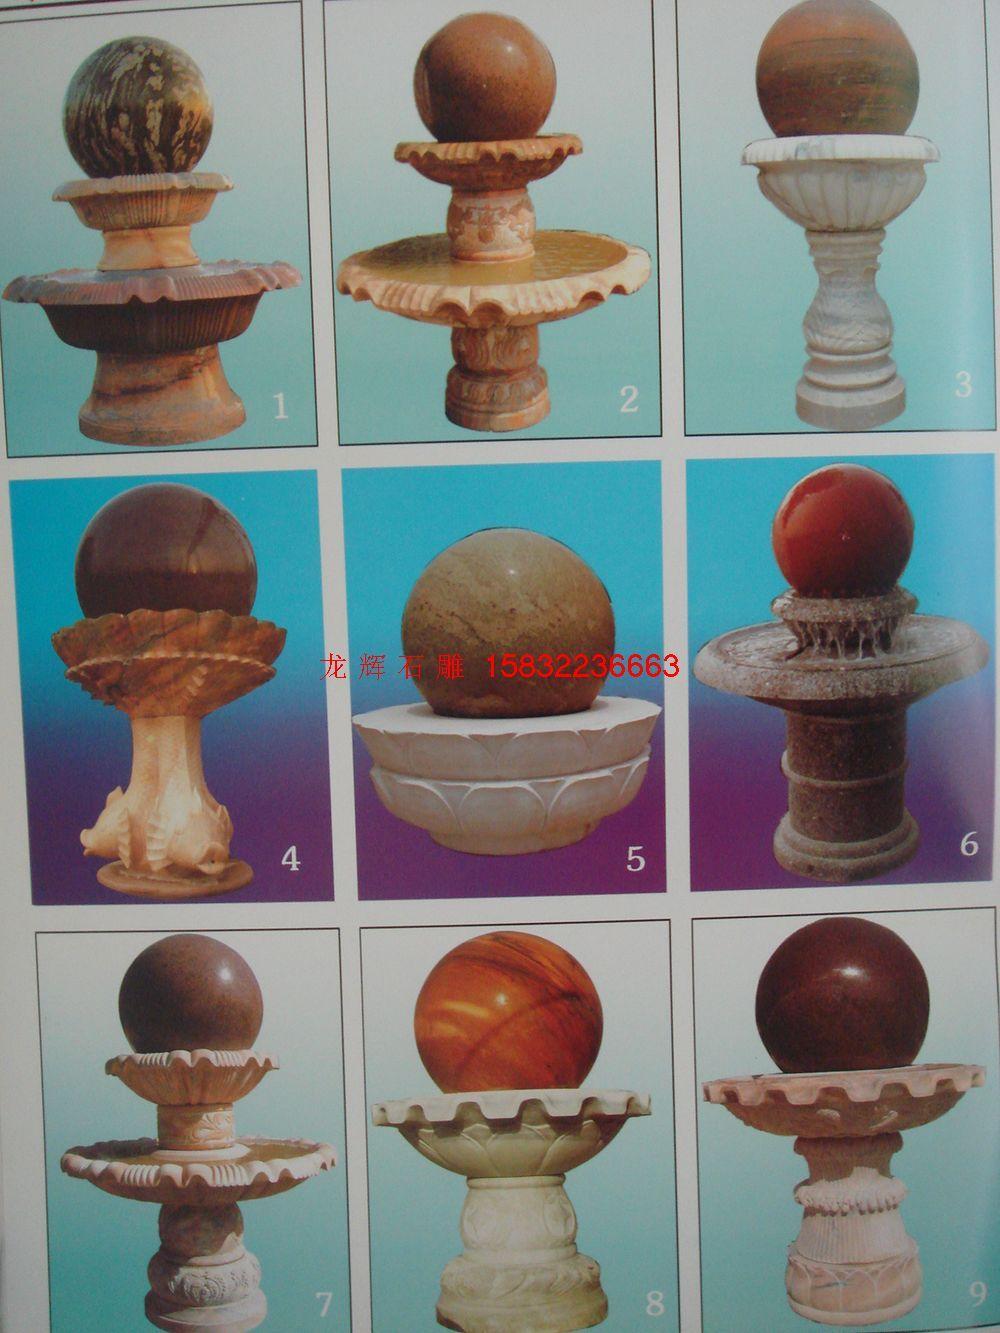 Резьба по камню Гравирование гравировка образцы quyang книга Книга фонтан резьба резьба фотографии ландшафтный дизайн книги Разные